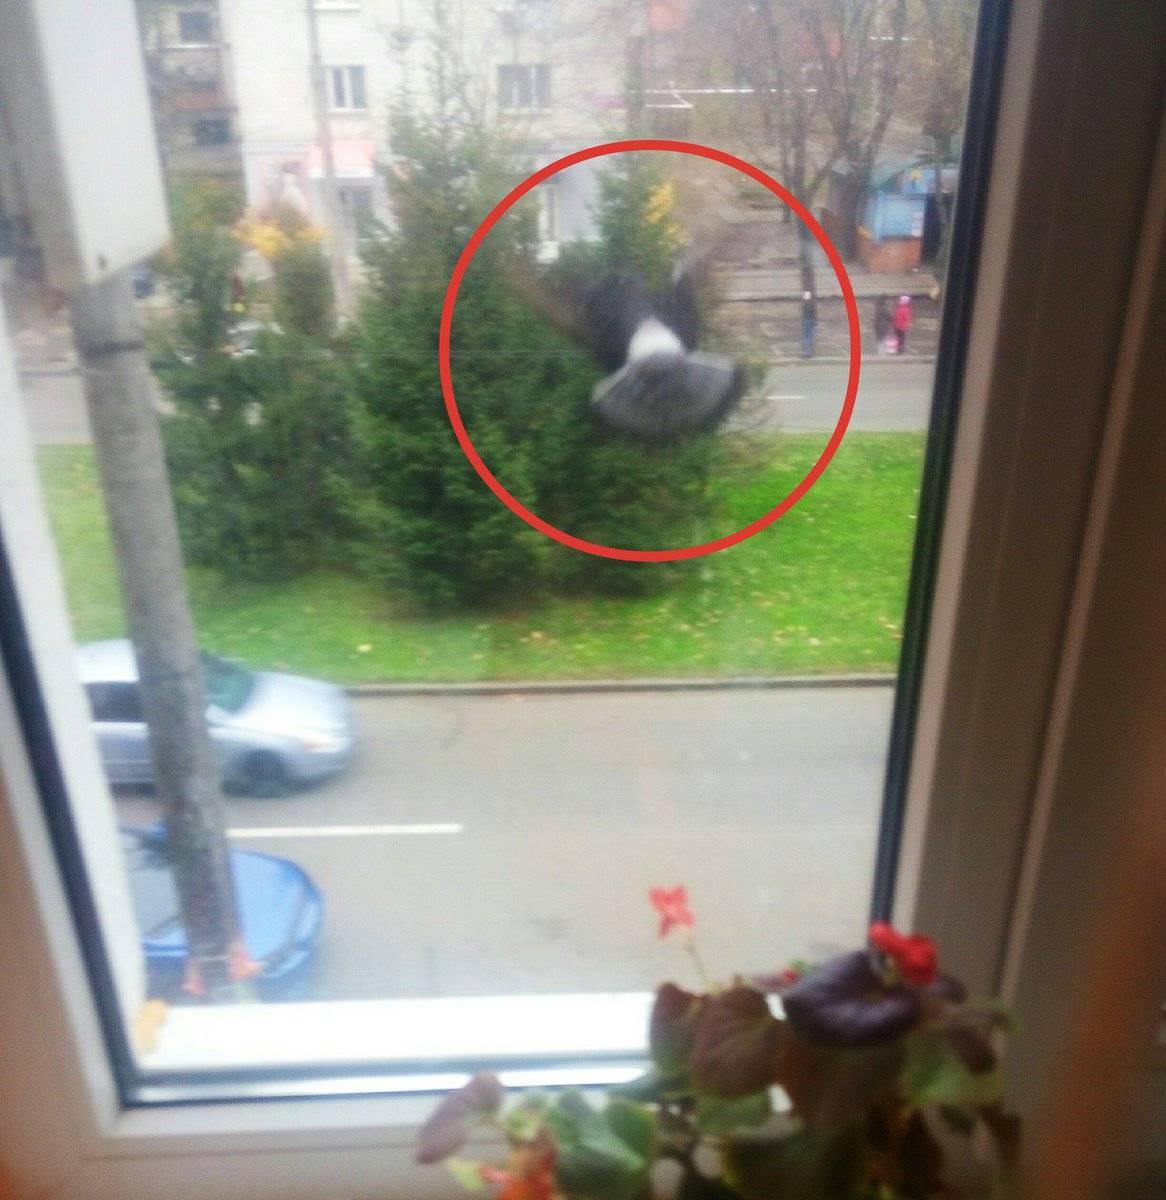 Приметы: синица ударилась в окно и улетела, врезалась, стукнулась и разбилась